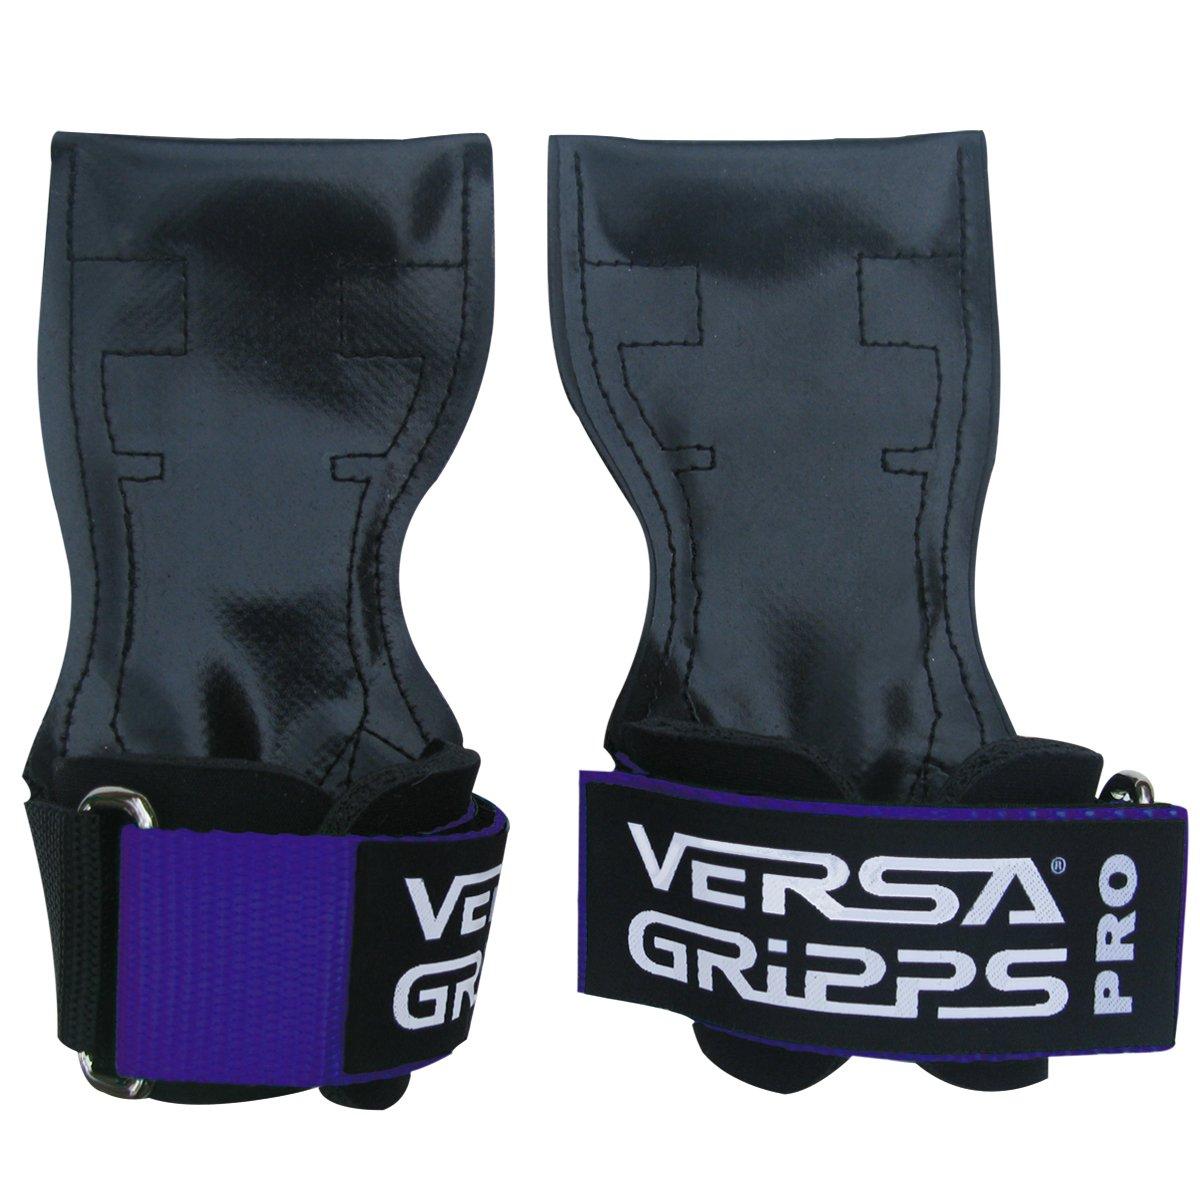 【正規取扱店】 Versa Gripps プロオセンティック世界で最も優れたトレーニングアクセサリーの一つアメリカ製 Gripps。 Versa B00YYTPRHO XLarge パープル/ブラック XLarge XLarge|パープル/ブラック, 株式会社 ニーム:00e15415 --- arianechie.dominiotemporario.com